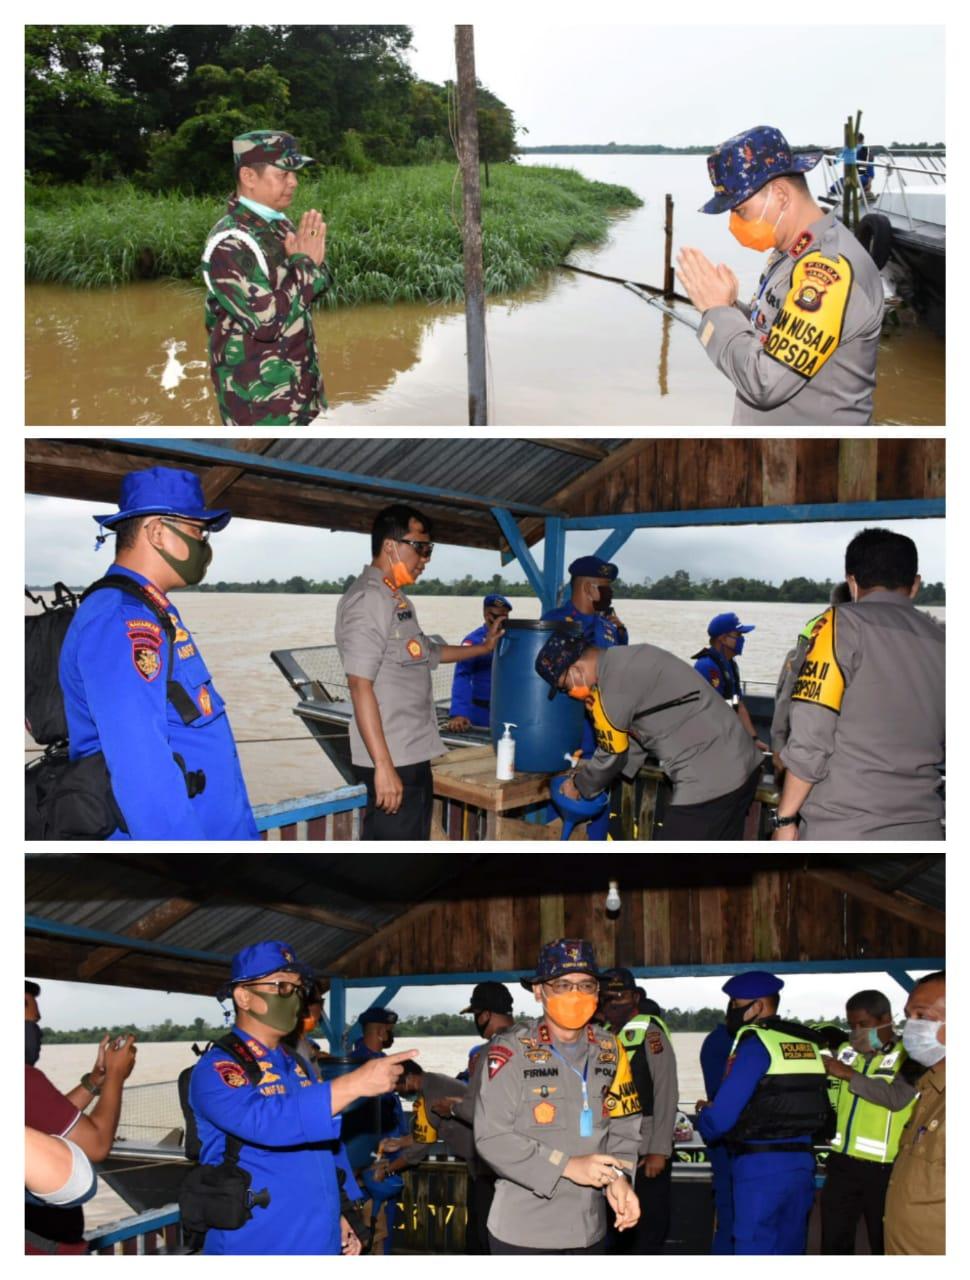 Dalam Kegiatan Patroli Kamtibmas Di Wilayah Perairan, Kapolda Jambi Pantau Langsung Dampak Wabah Virus Corona Terhadap Masyarakat